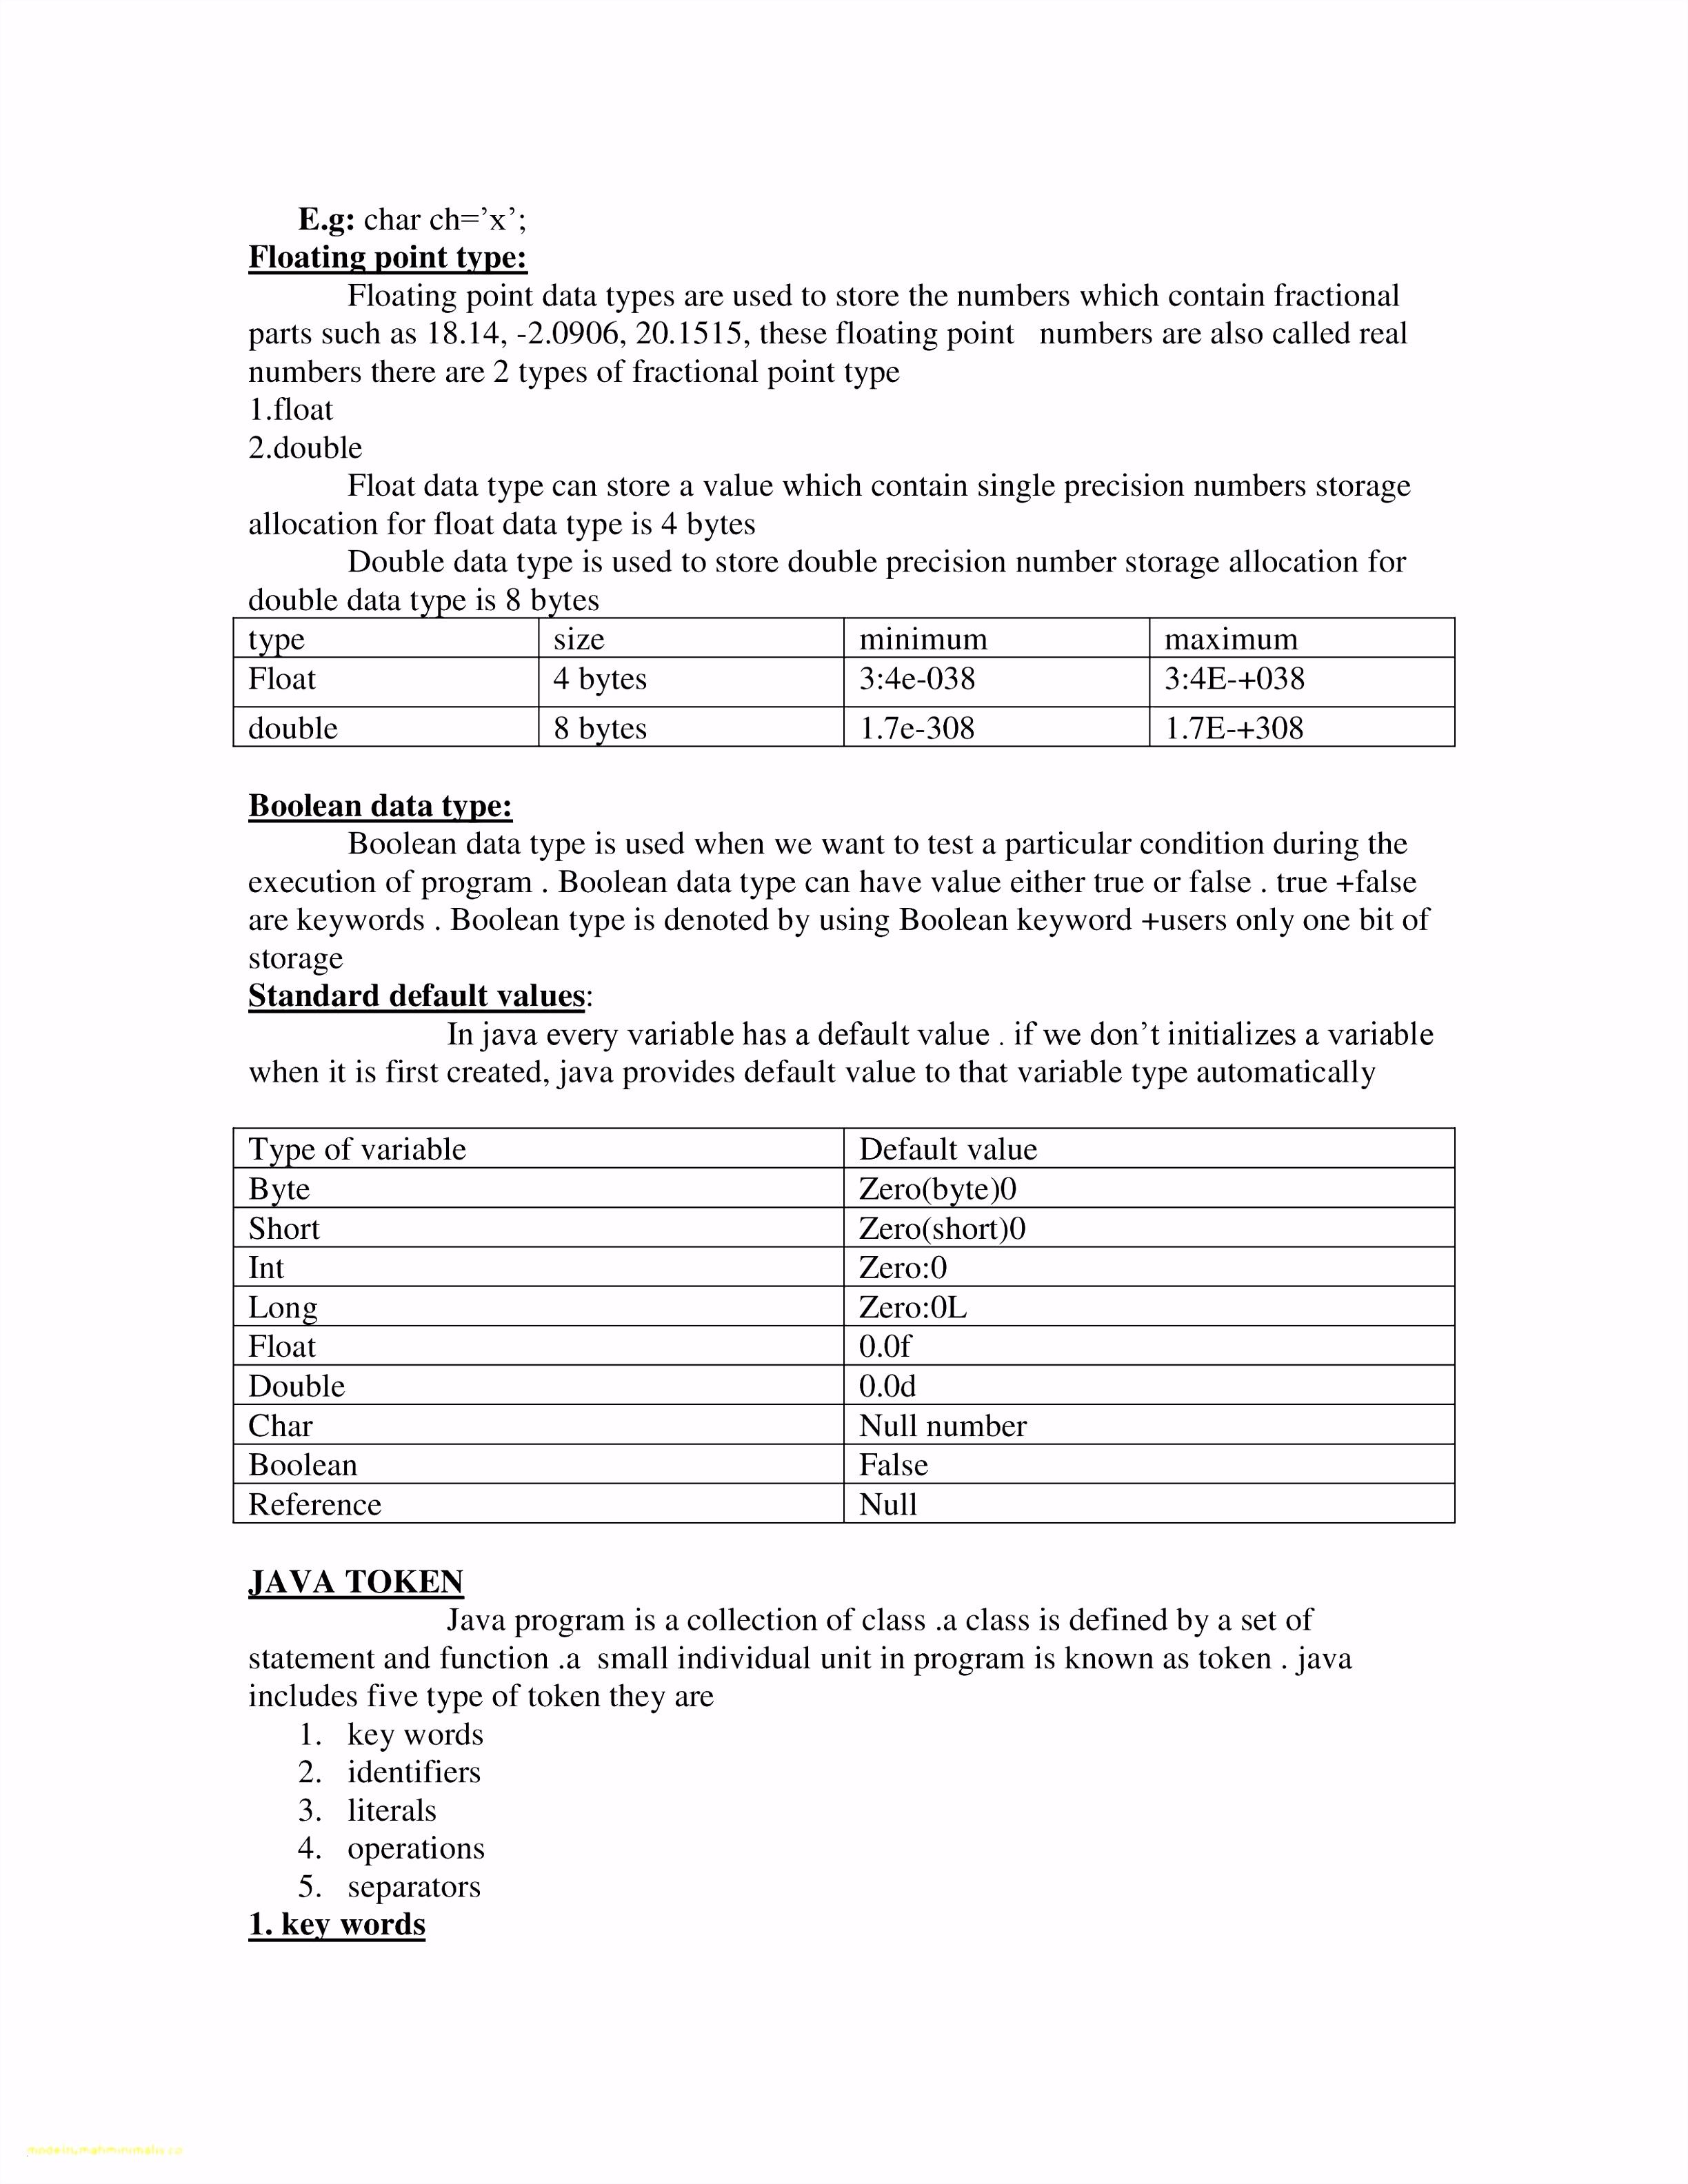 25 Editierbar Qualifiziertes Arbeitszeugnis Muster